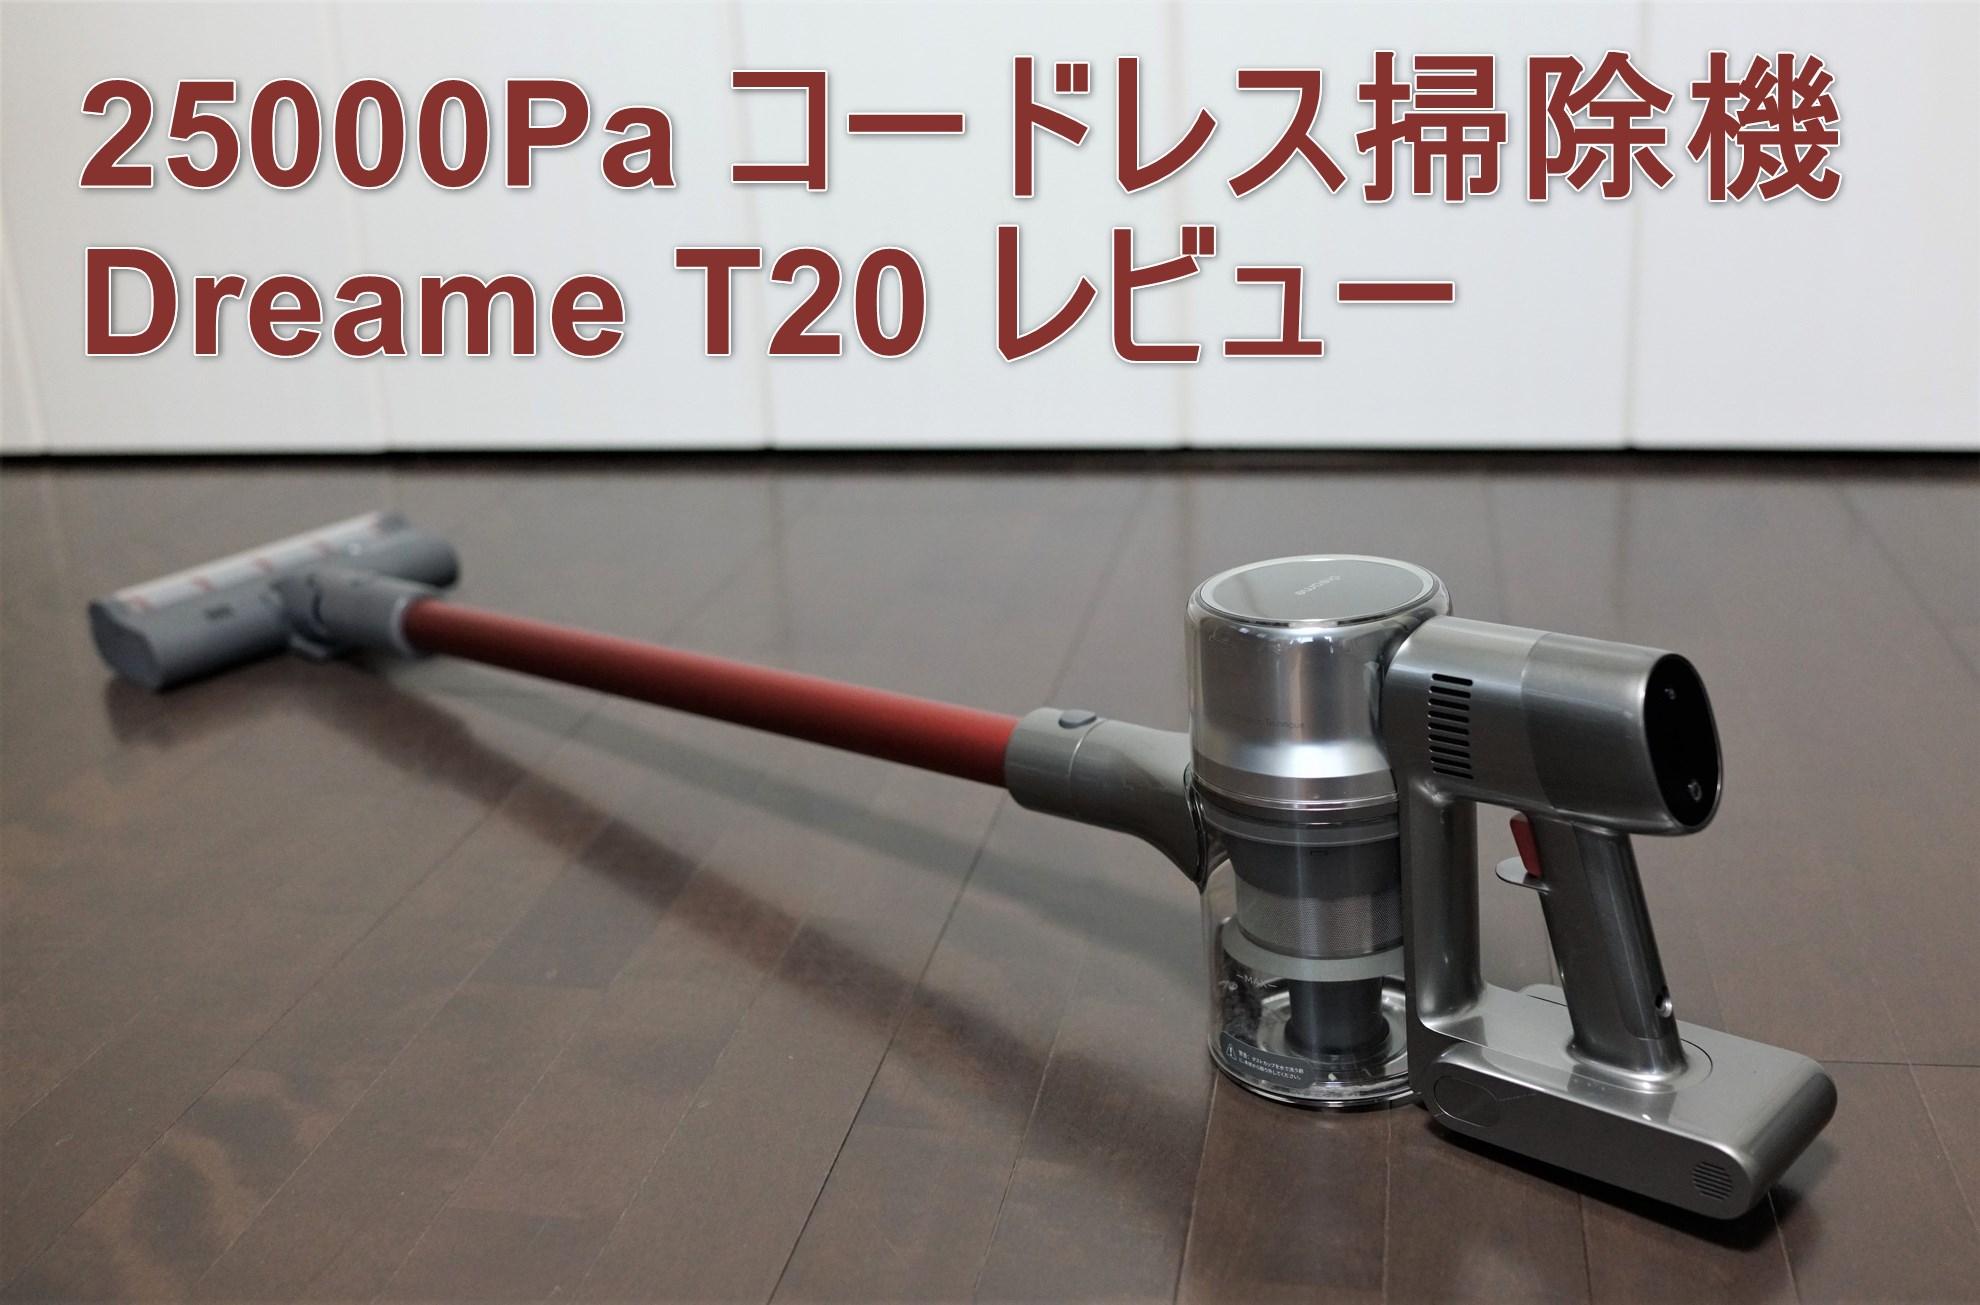 コードレスハンディー掃除機 Dreame T20 レビュー